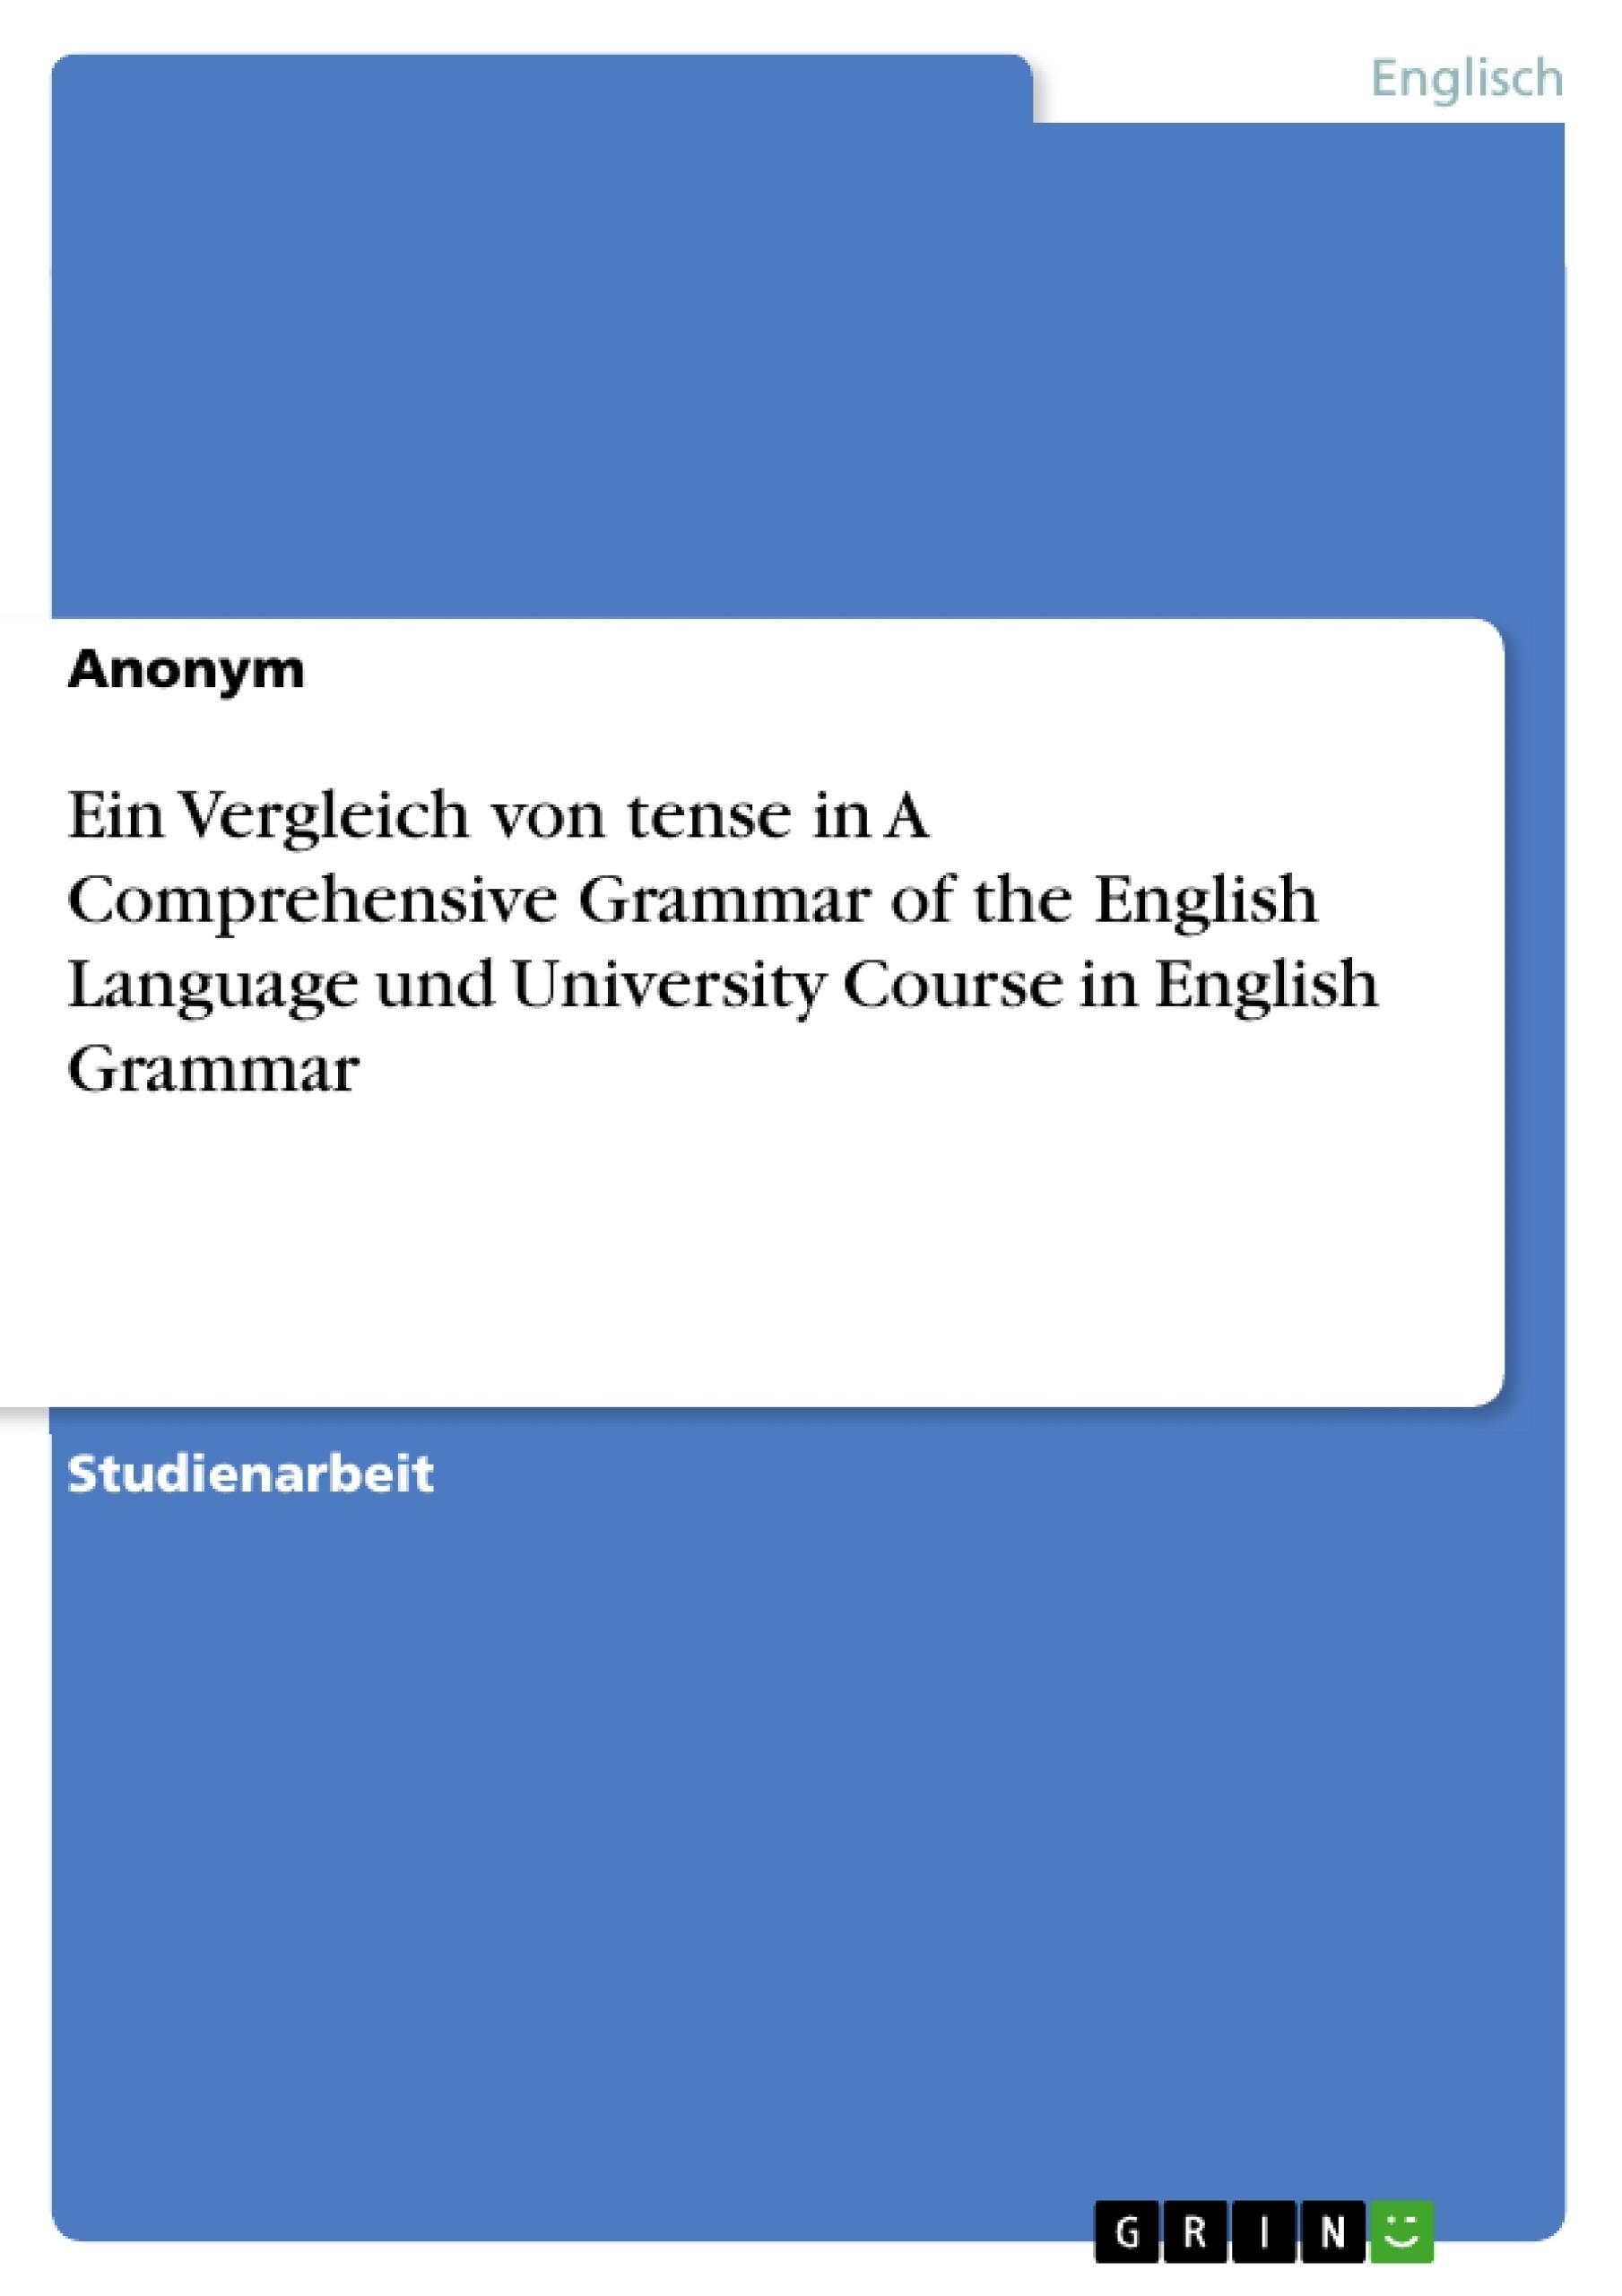 Titel: Ein Vergleich von tense in A Comprehensive Grammar of the English Language und University Course in English Grammar